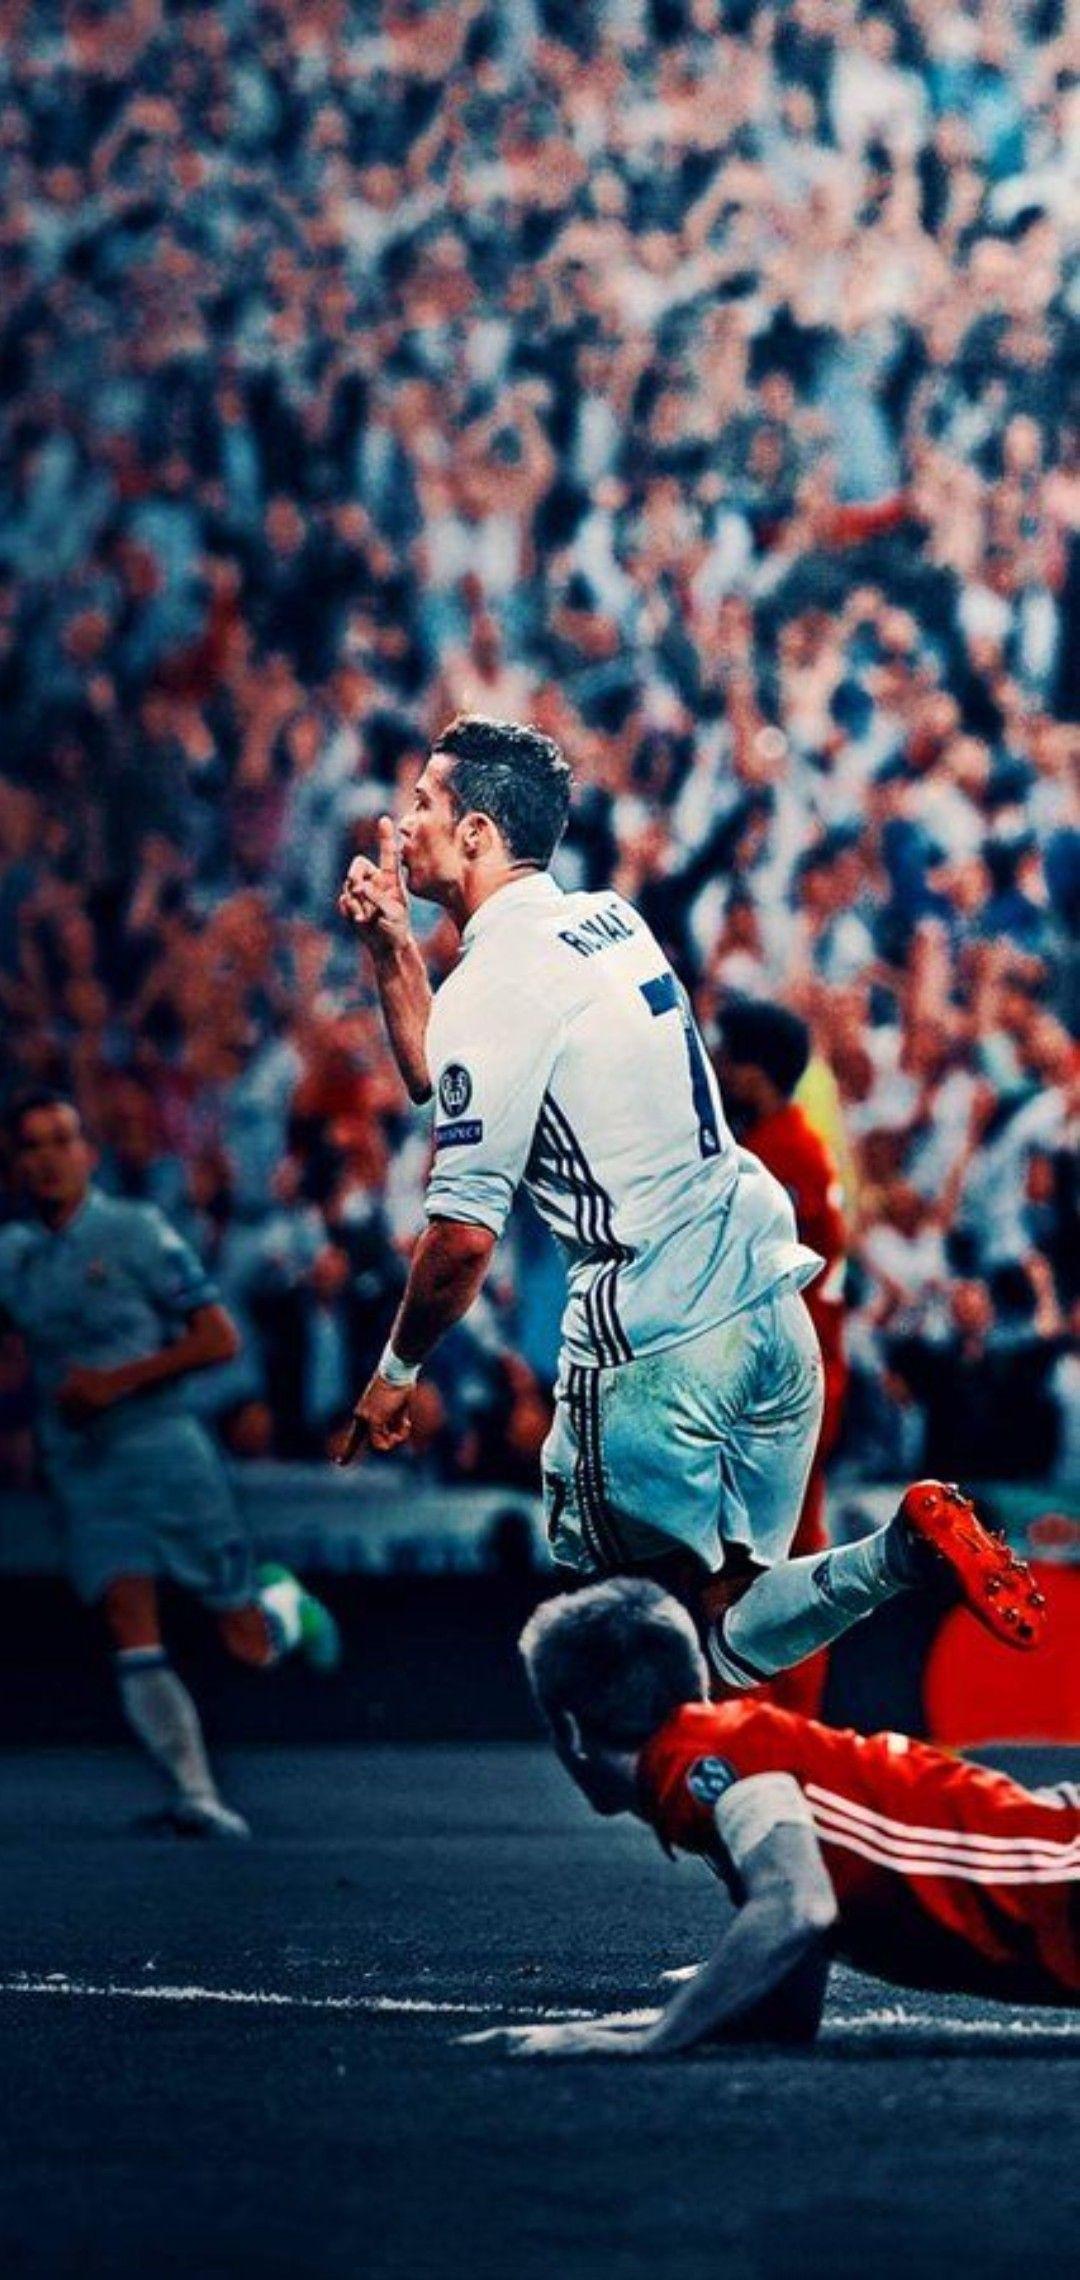 Cristiano Ronaldo Ronaldo Cristiano Ronaldo Cristiano Ronaldo 7